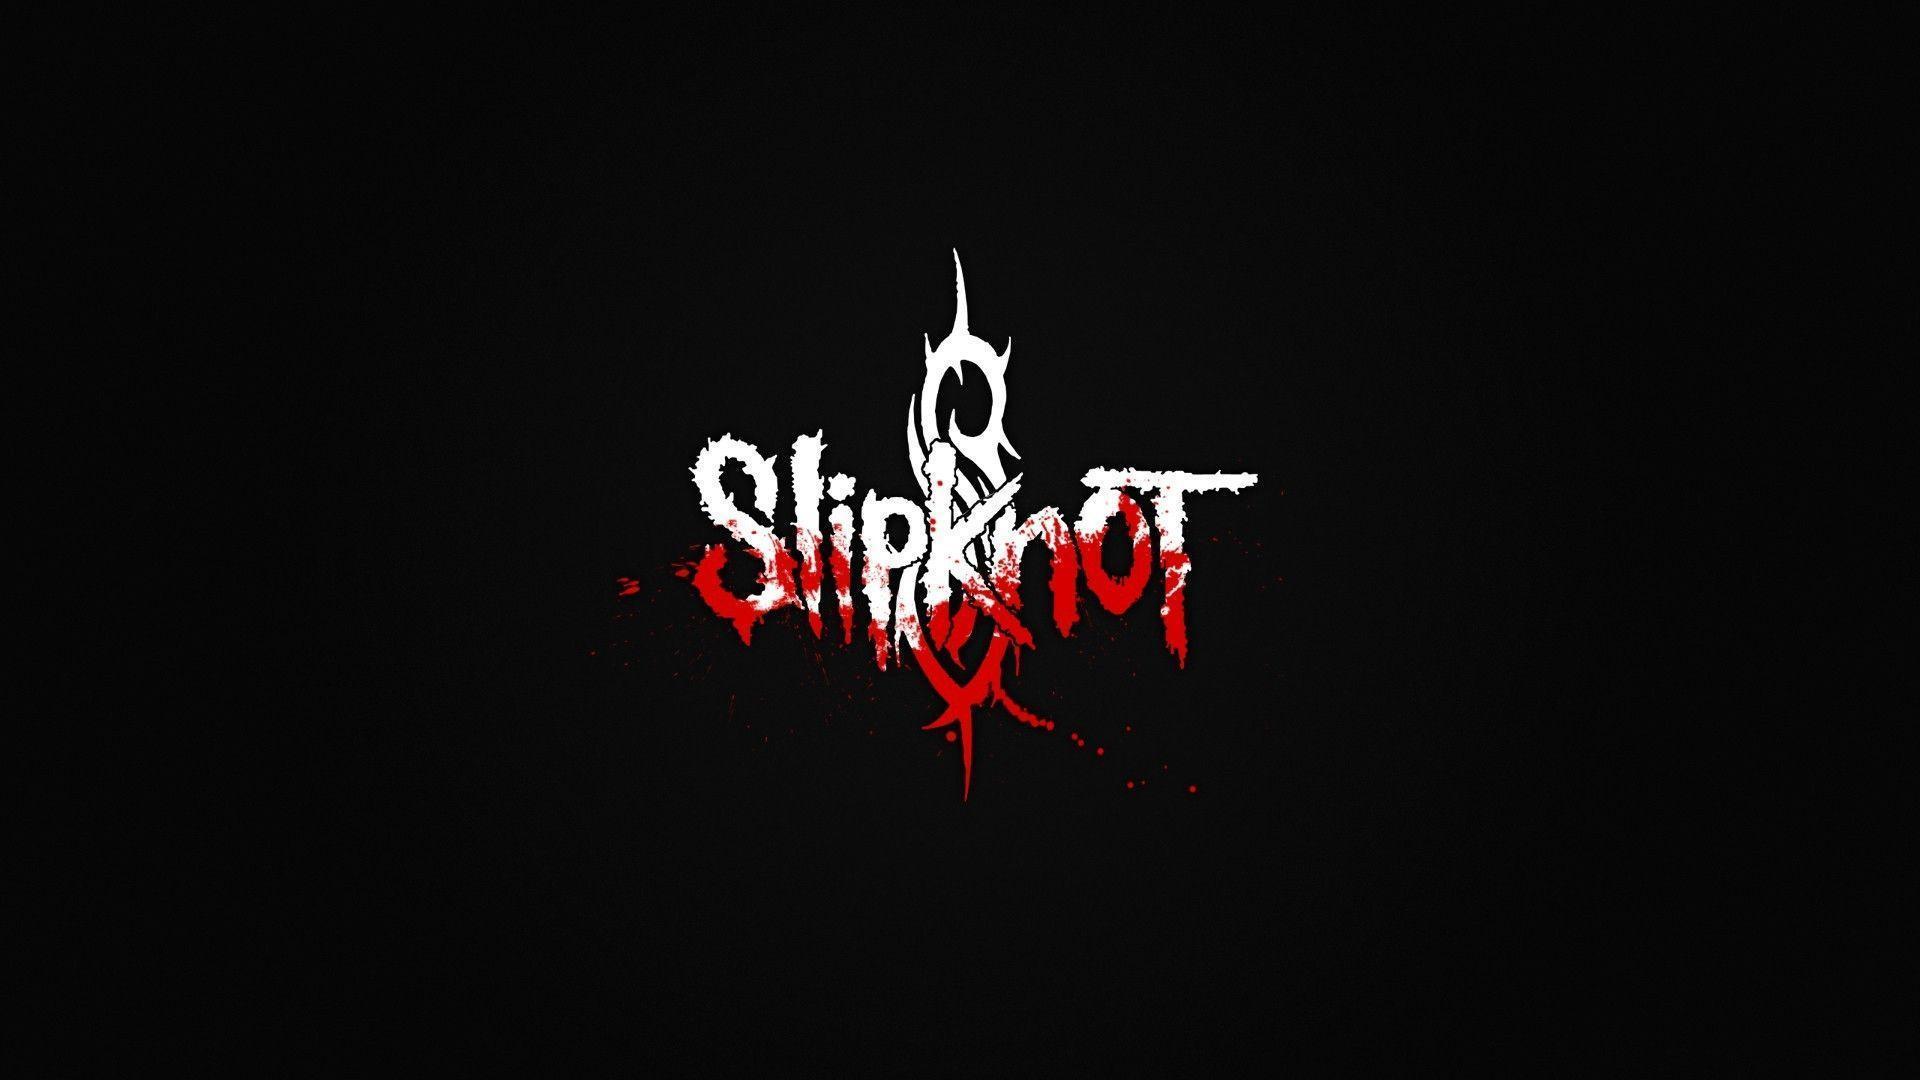 Slipknot Logo Wallpapers 1920x1080